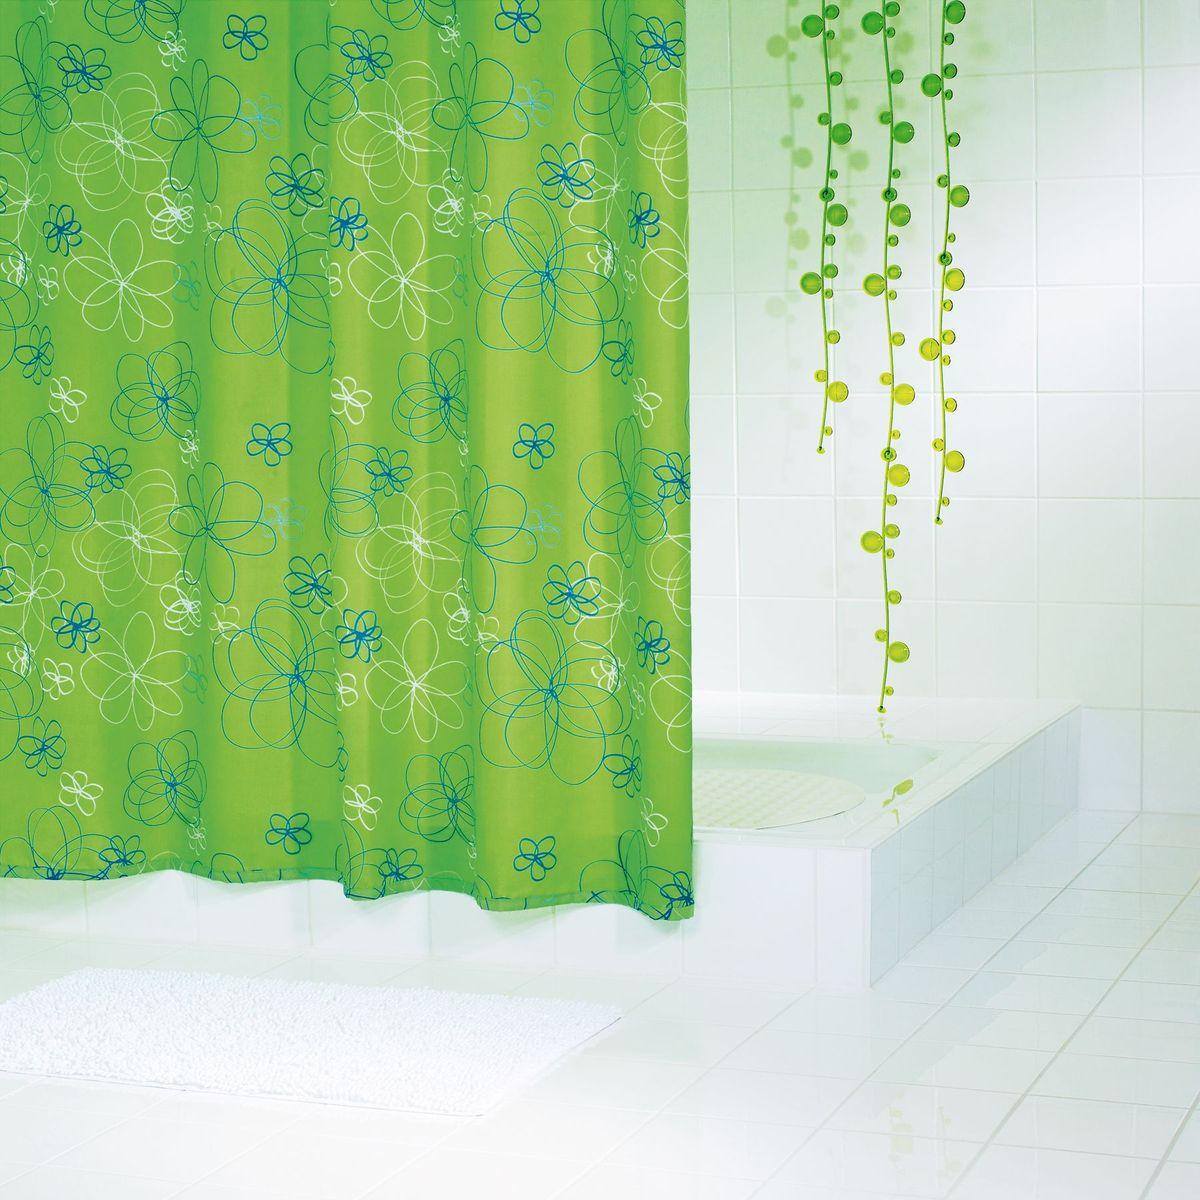 Штора для ванной комнаты Ridder  Hula-Hup , 180 х 200 см - Шторки, кольца и карнизы для ванной